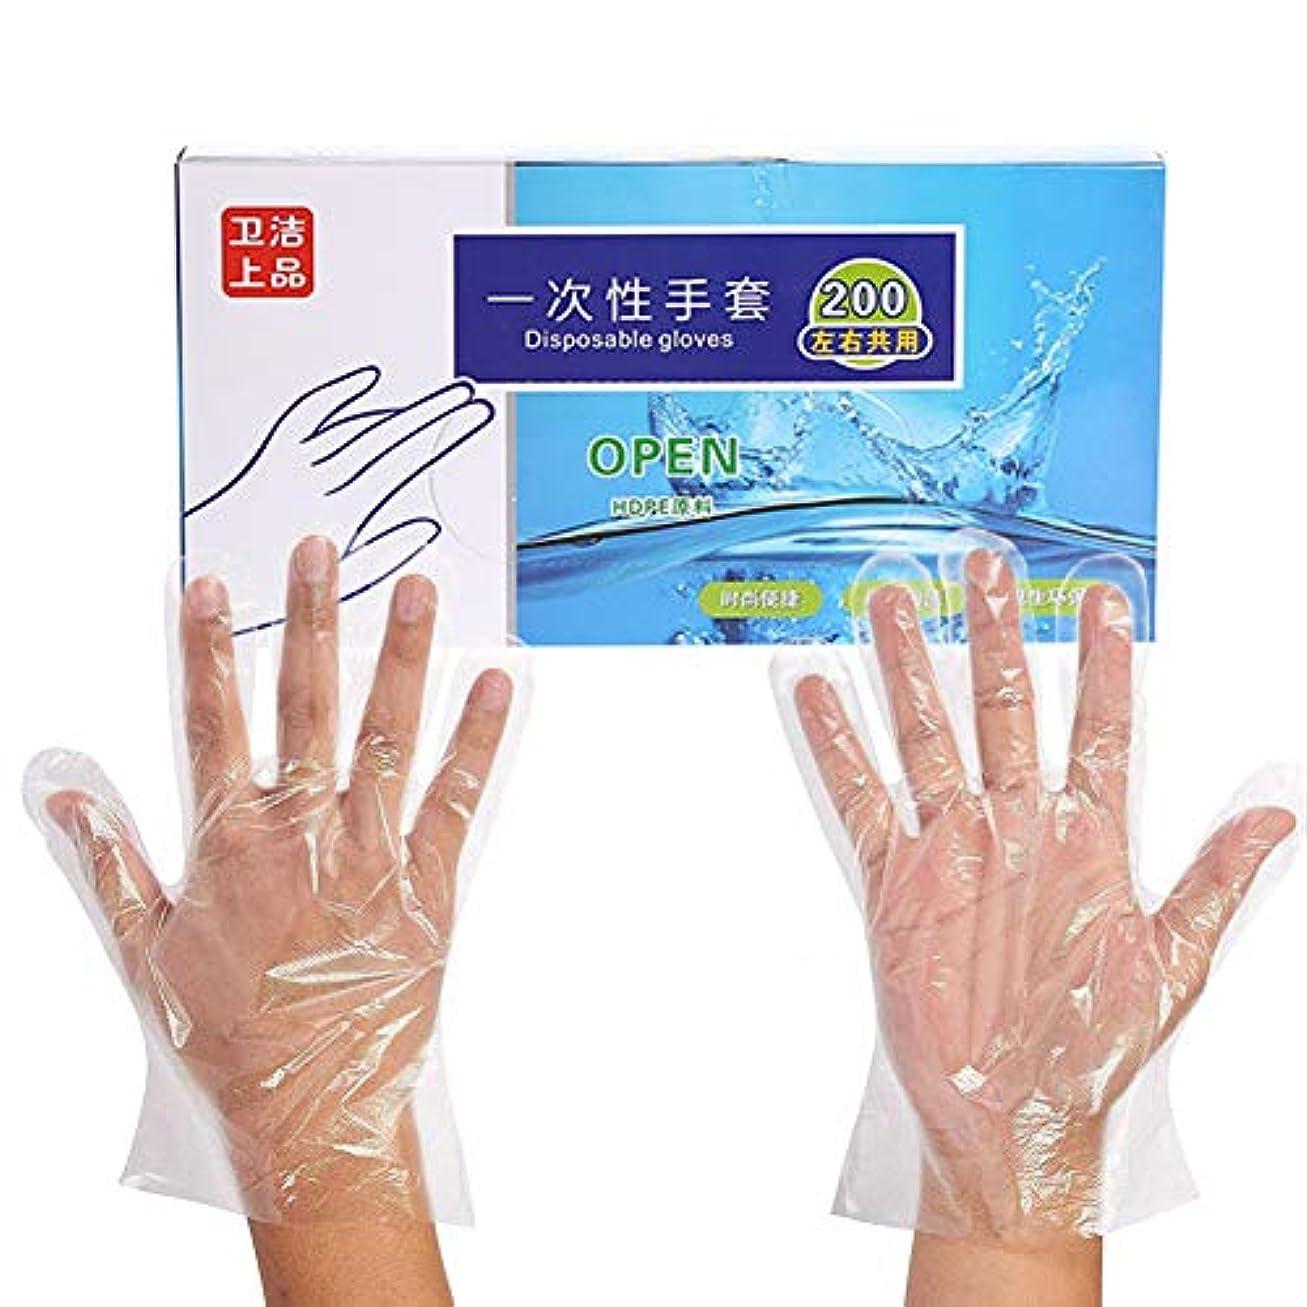 傑出した対応する絶対にCangad 使い捨て手袋 極薄ビニール手袋 ポリエチ手袋 左右兼用 透明 調理用 食品 実用 セット極薄手袋 調理に?お掃除に?毛染めに 食品衛生法適合 400枚入